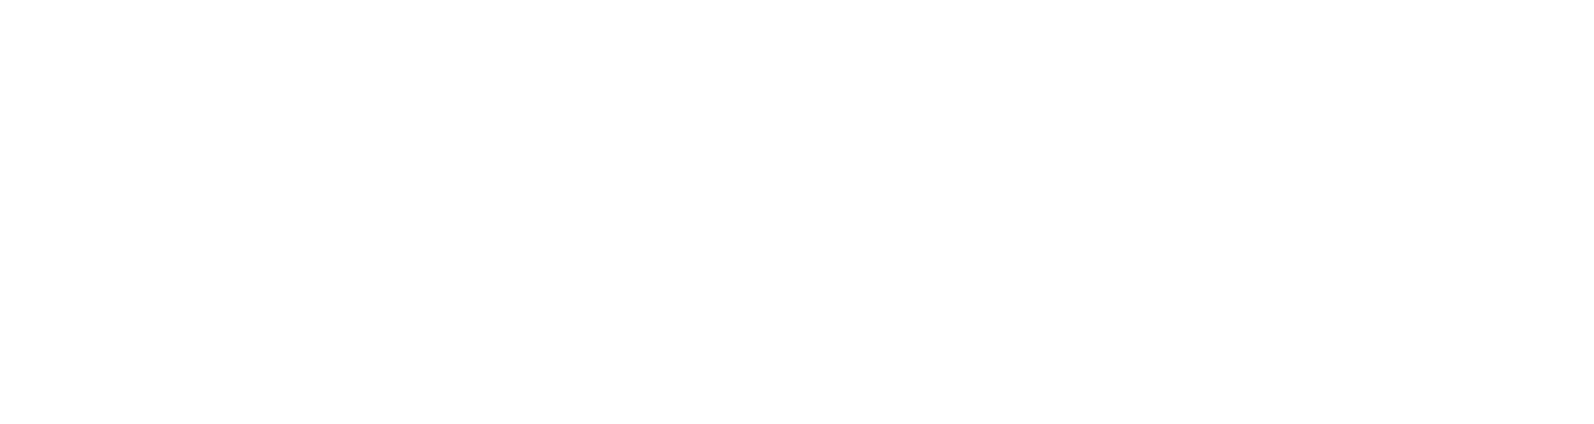 Modulate AI